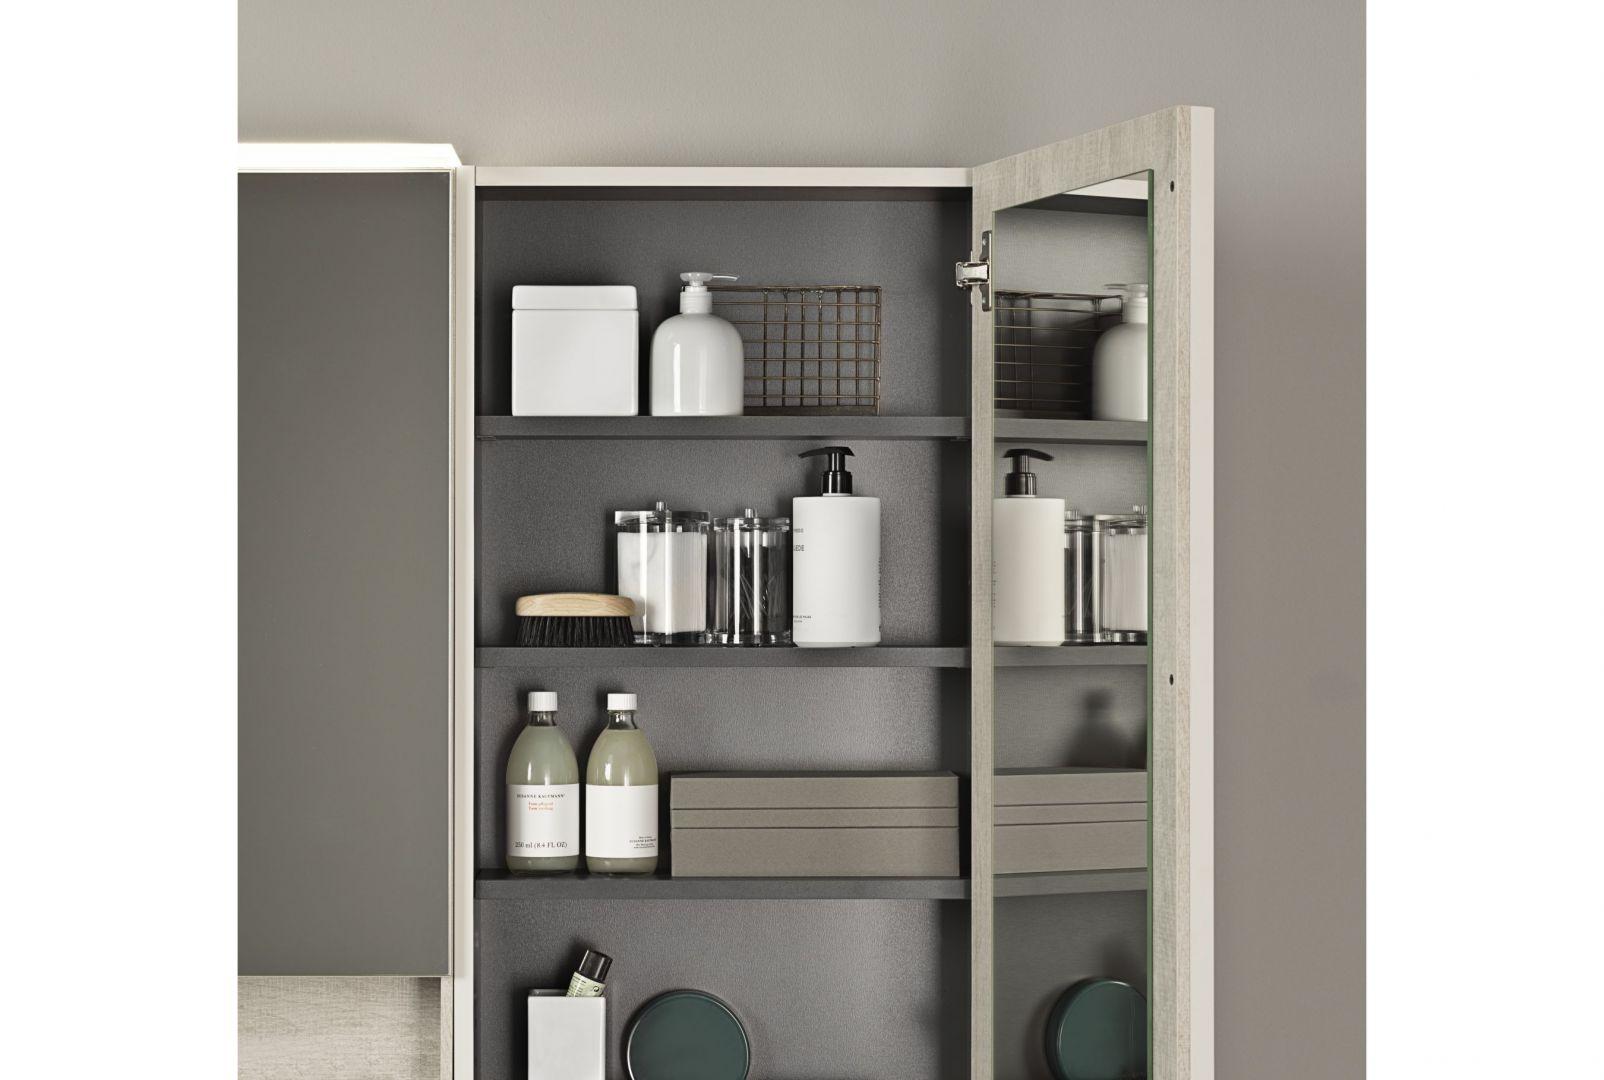 Meble z kolekcji Geberit Acanto łatwo dopasować do łazienek o różnej stylistyce. Fot. Geberit